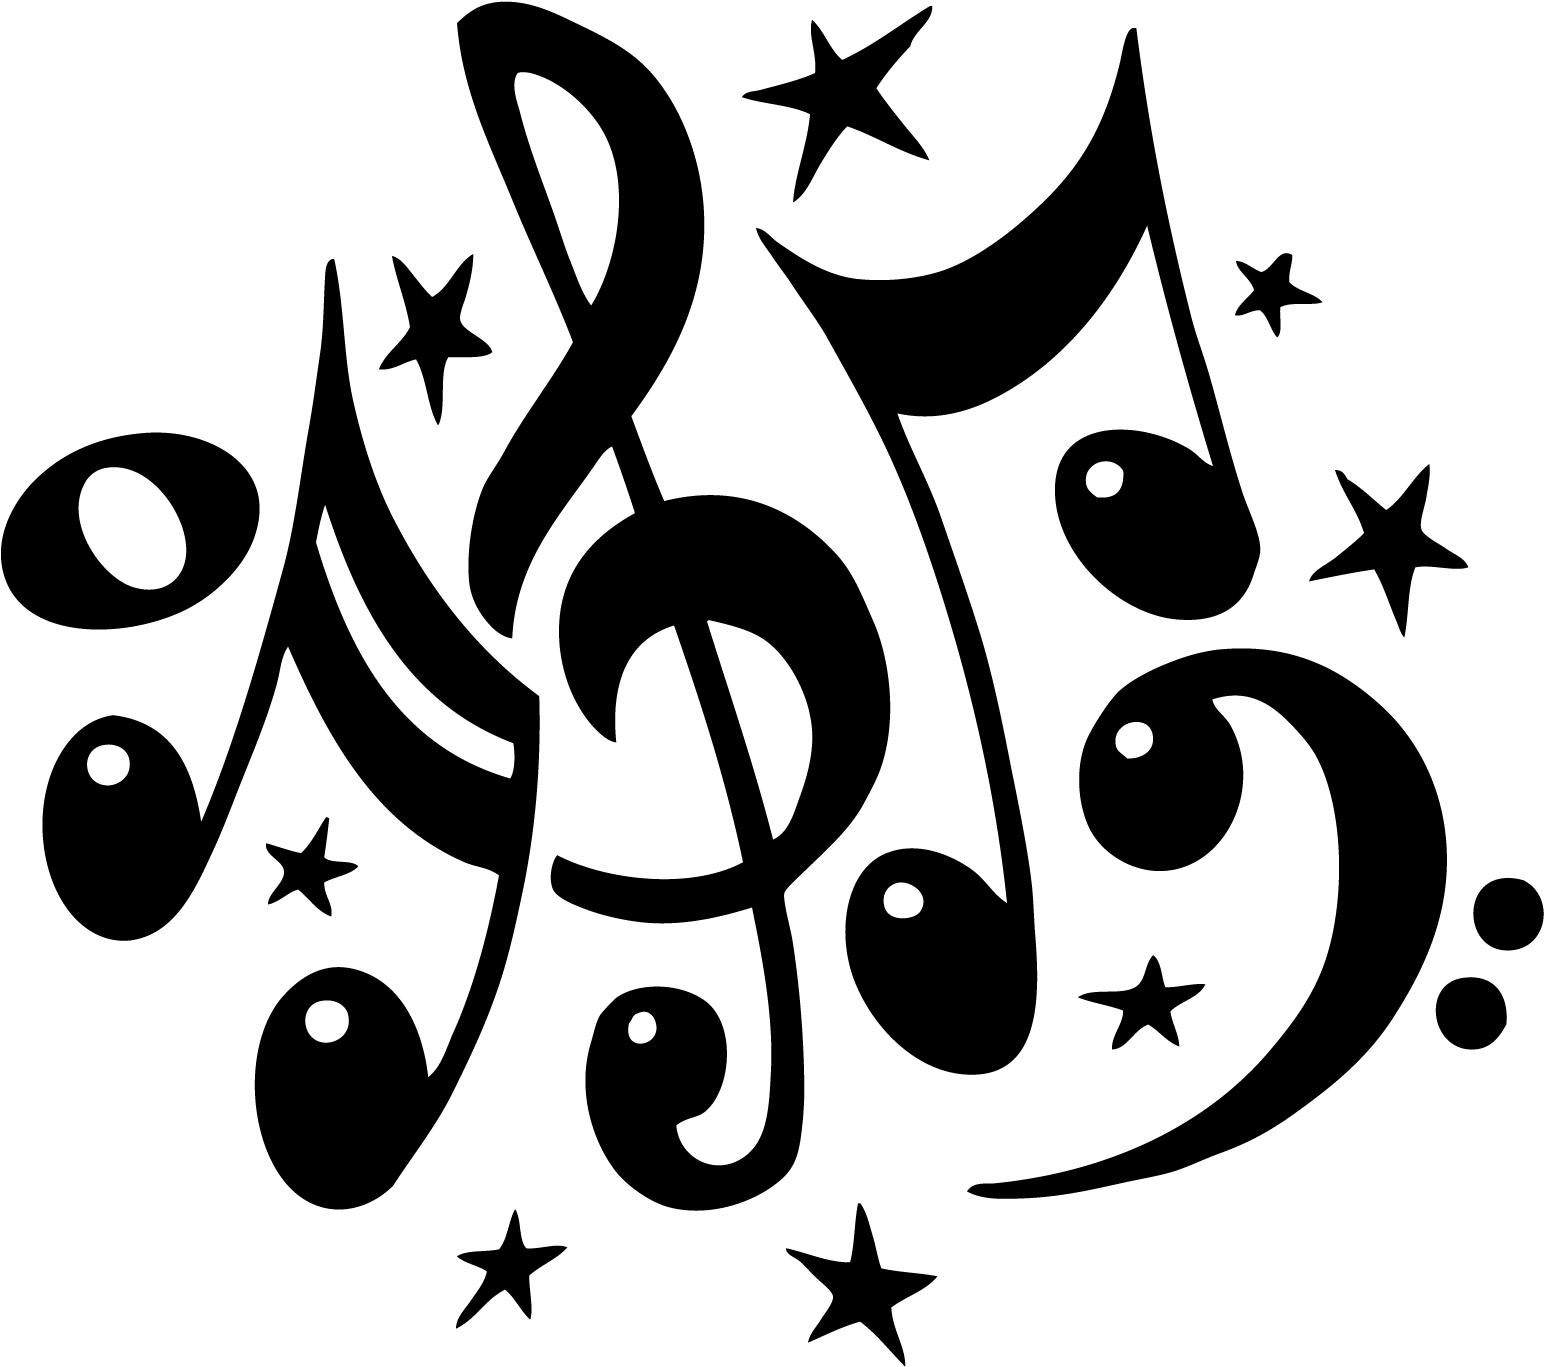 Imagenes Notas Musicales Para Imprimir Imágenes Y Dibujos